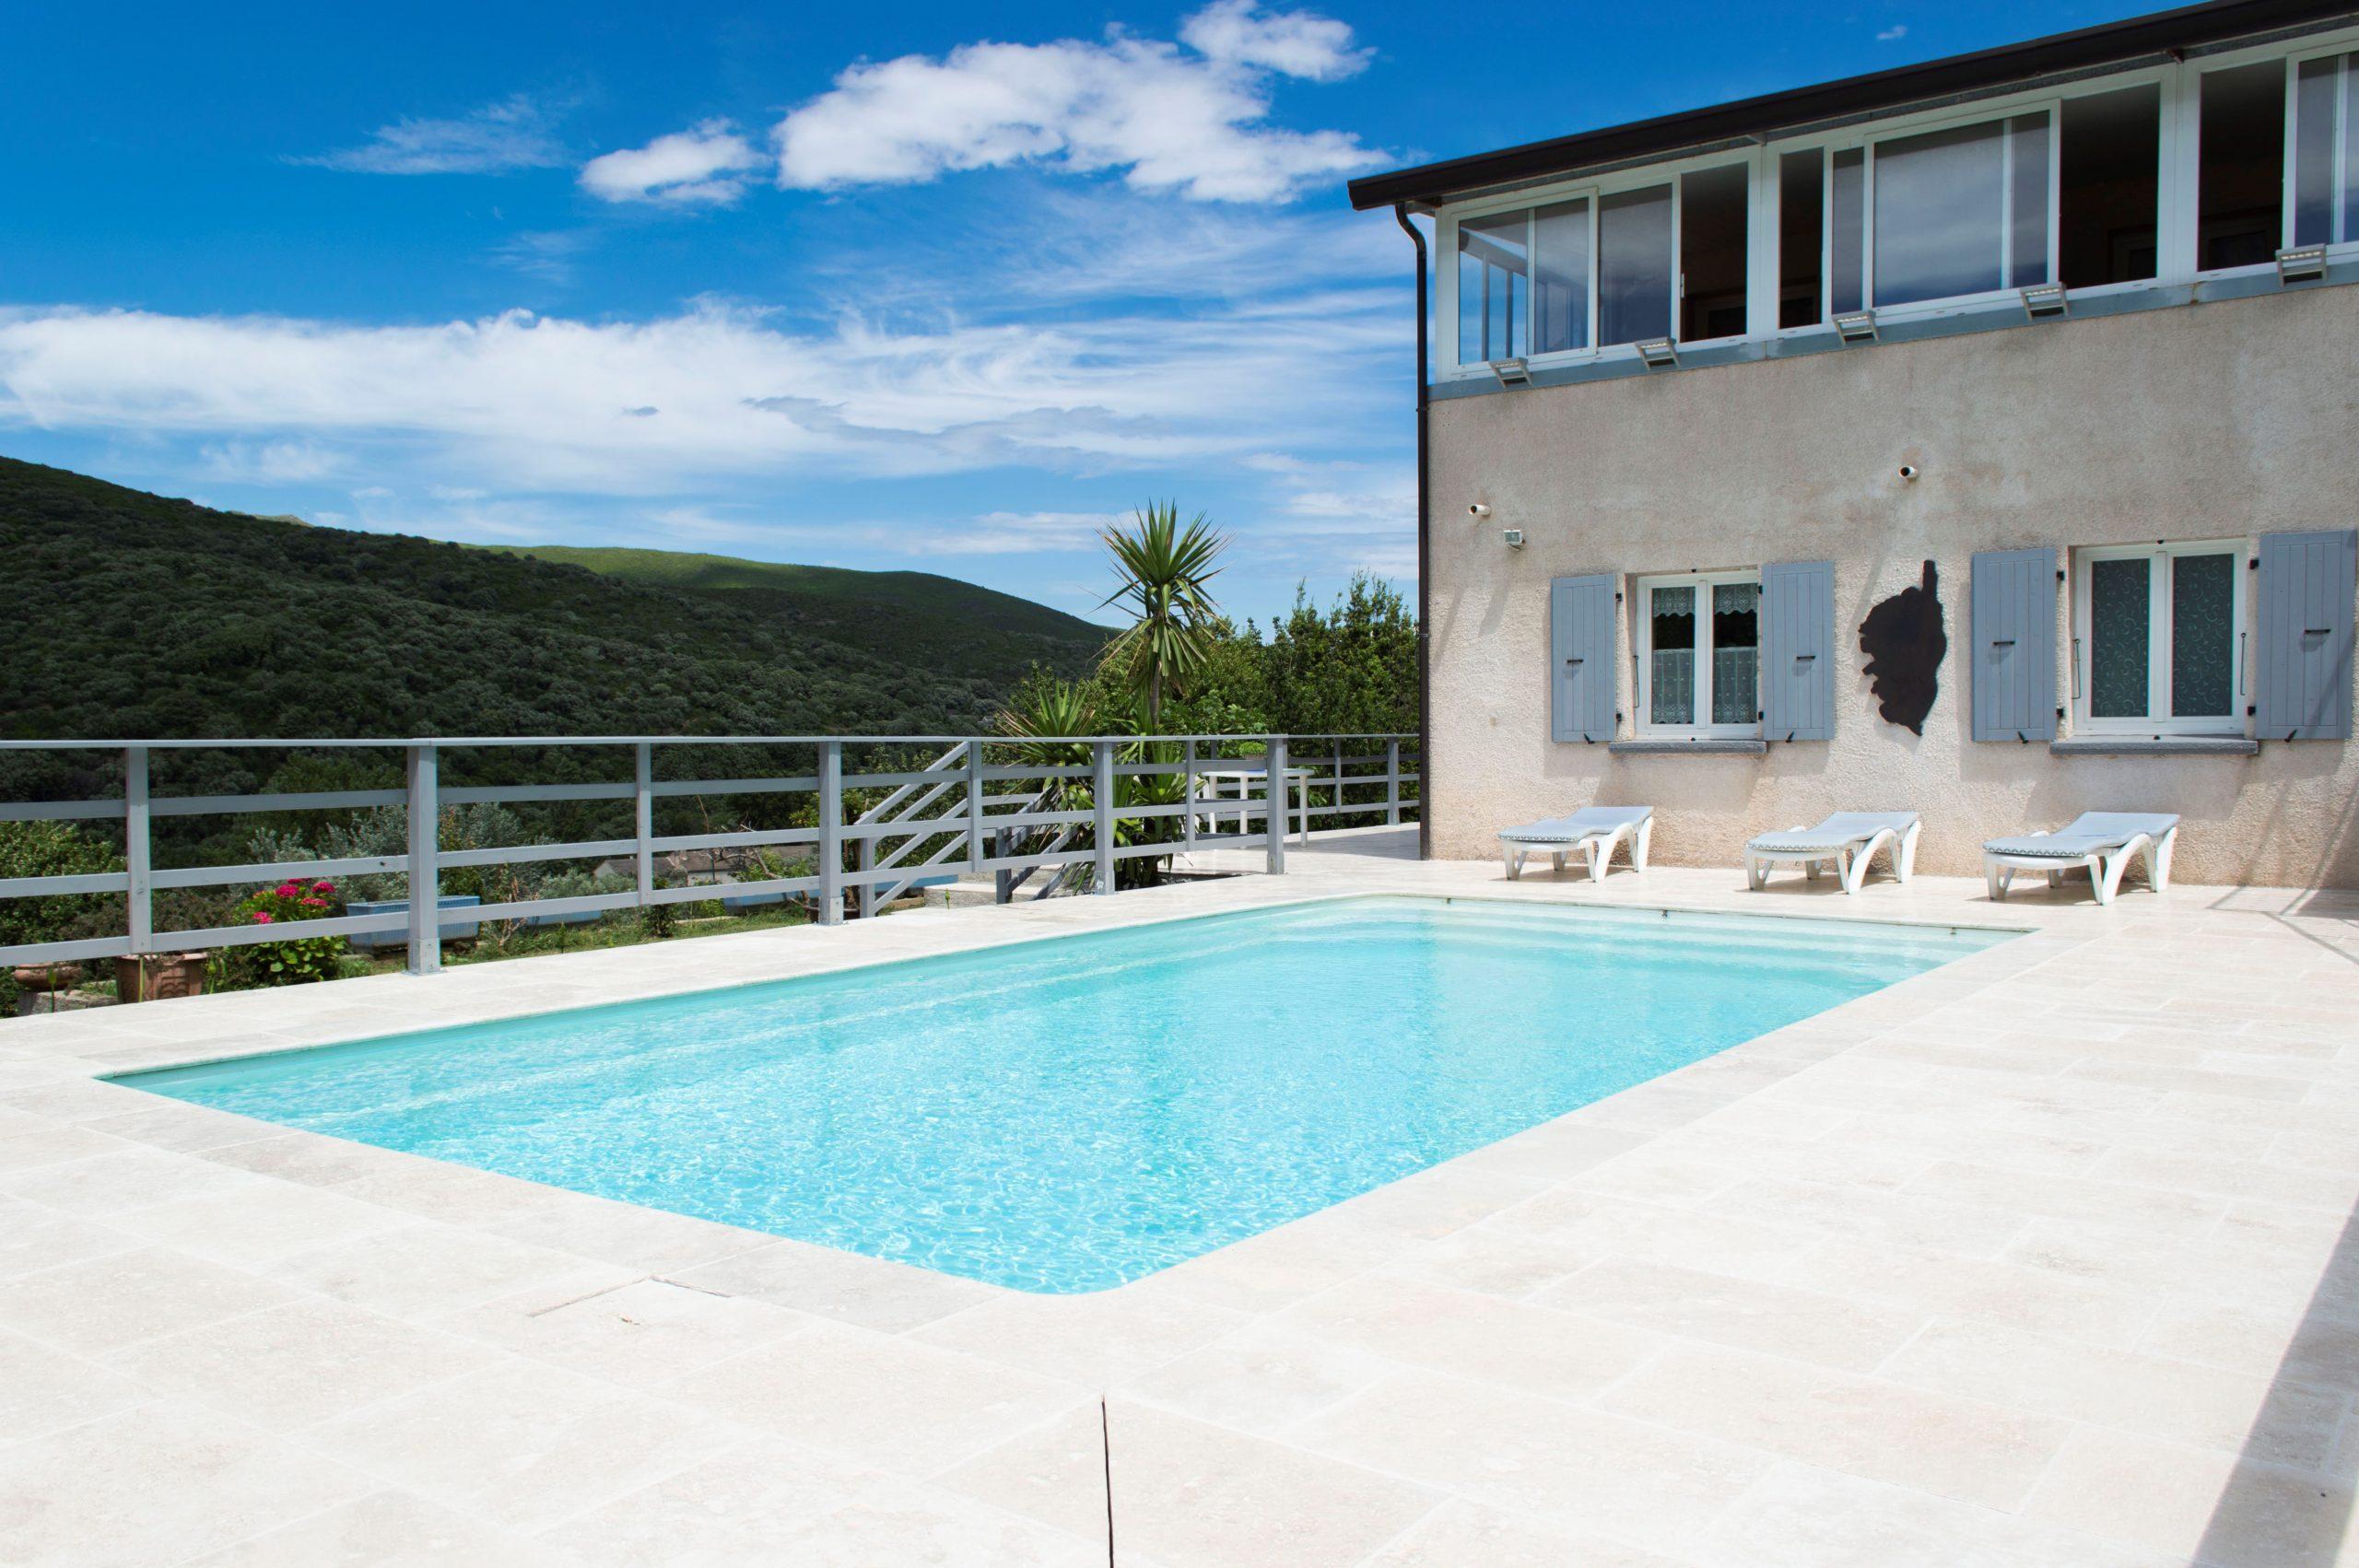 LURI CAP CORSE villa de 190 m2 composée de deux appartement de type 4 et un type 3 sur 1863 m2 de terrain